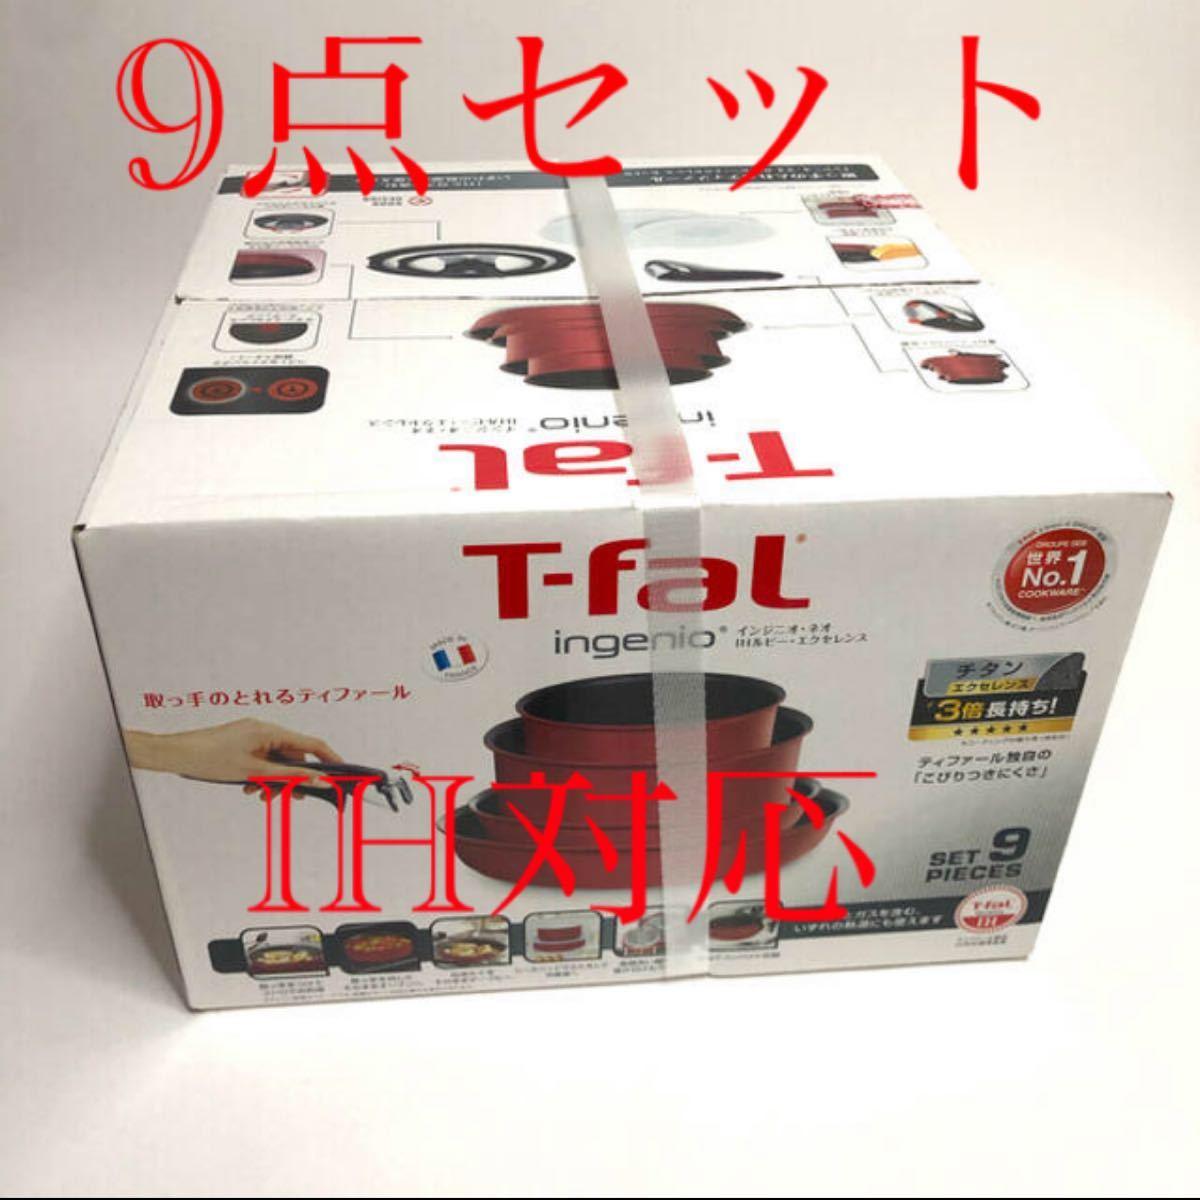 T-fal インジニオ・ネオ IH ルビー・エクセレンスセット9 IH対応 ティファール